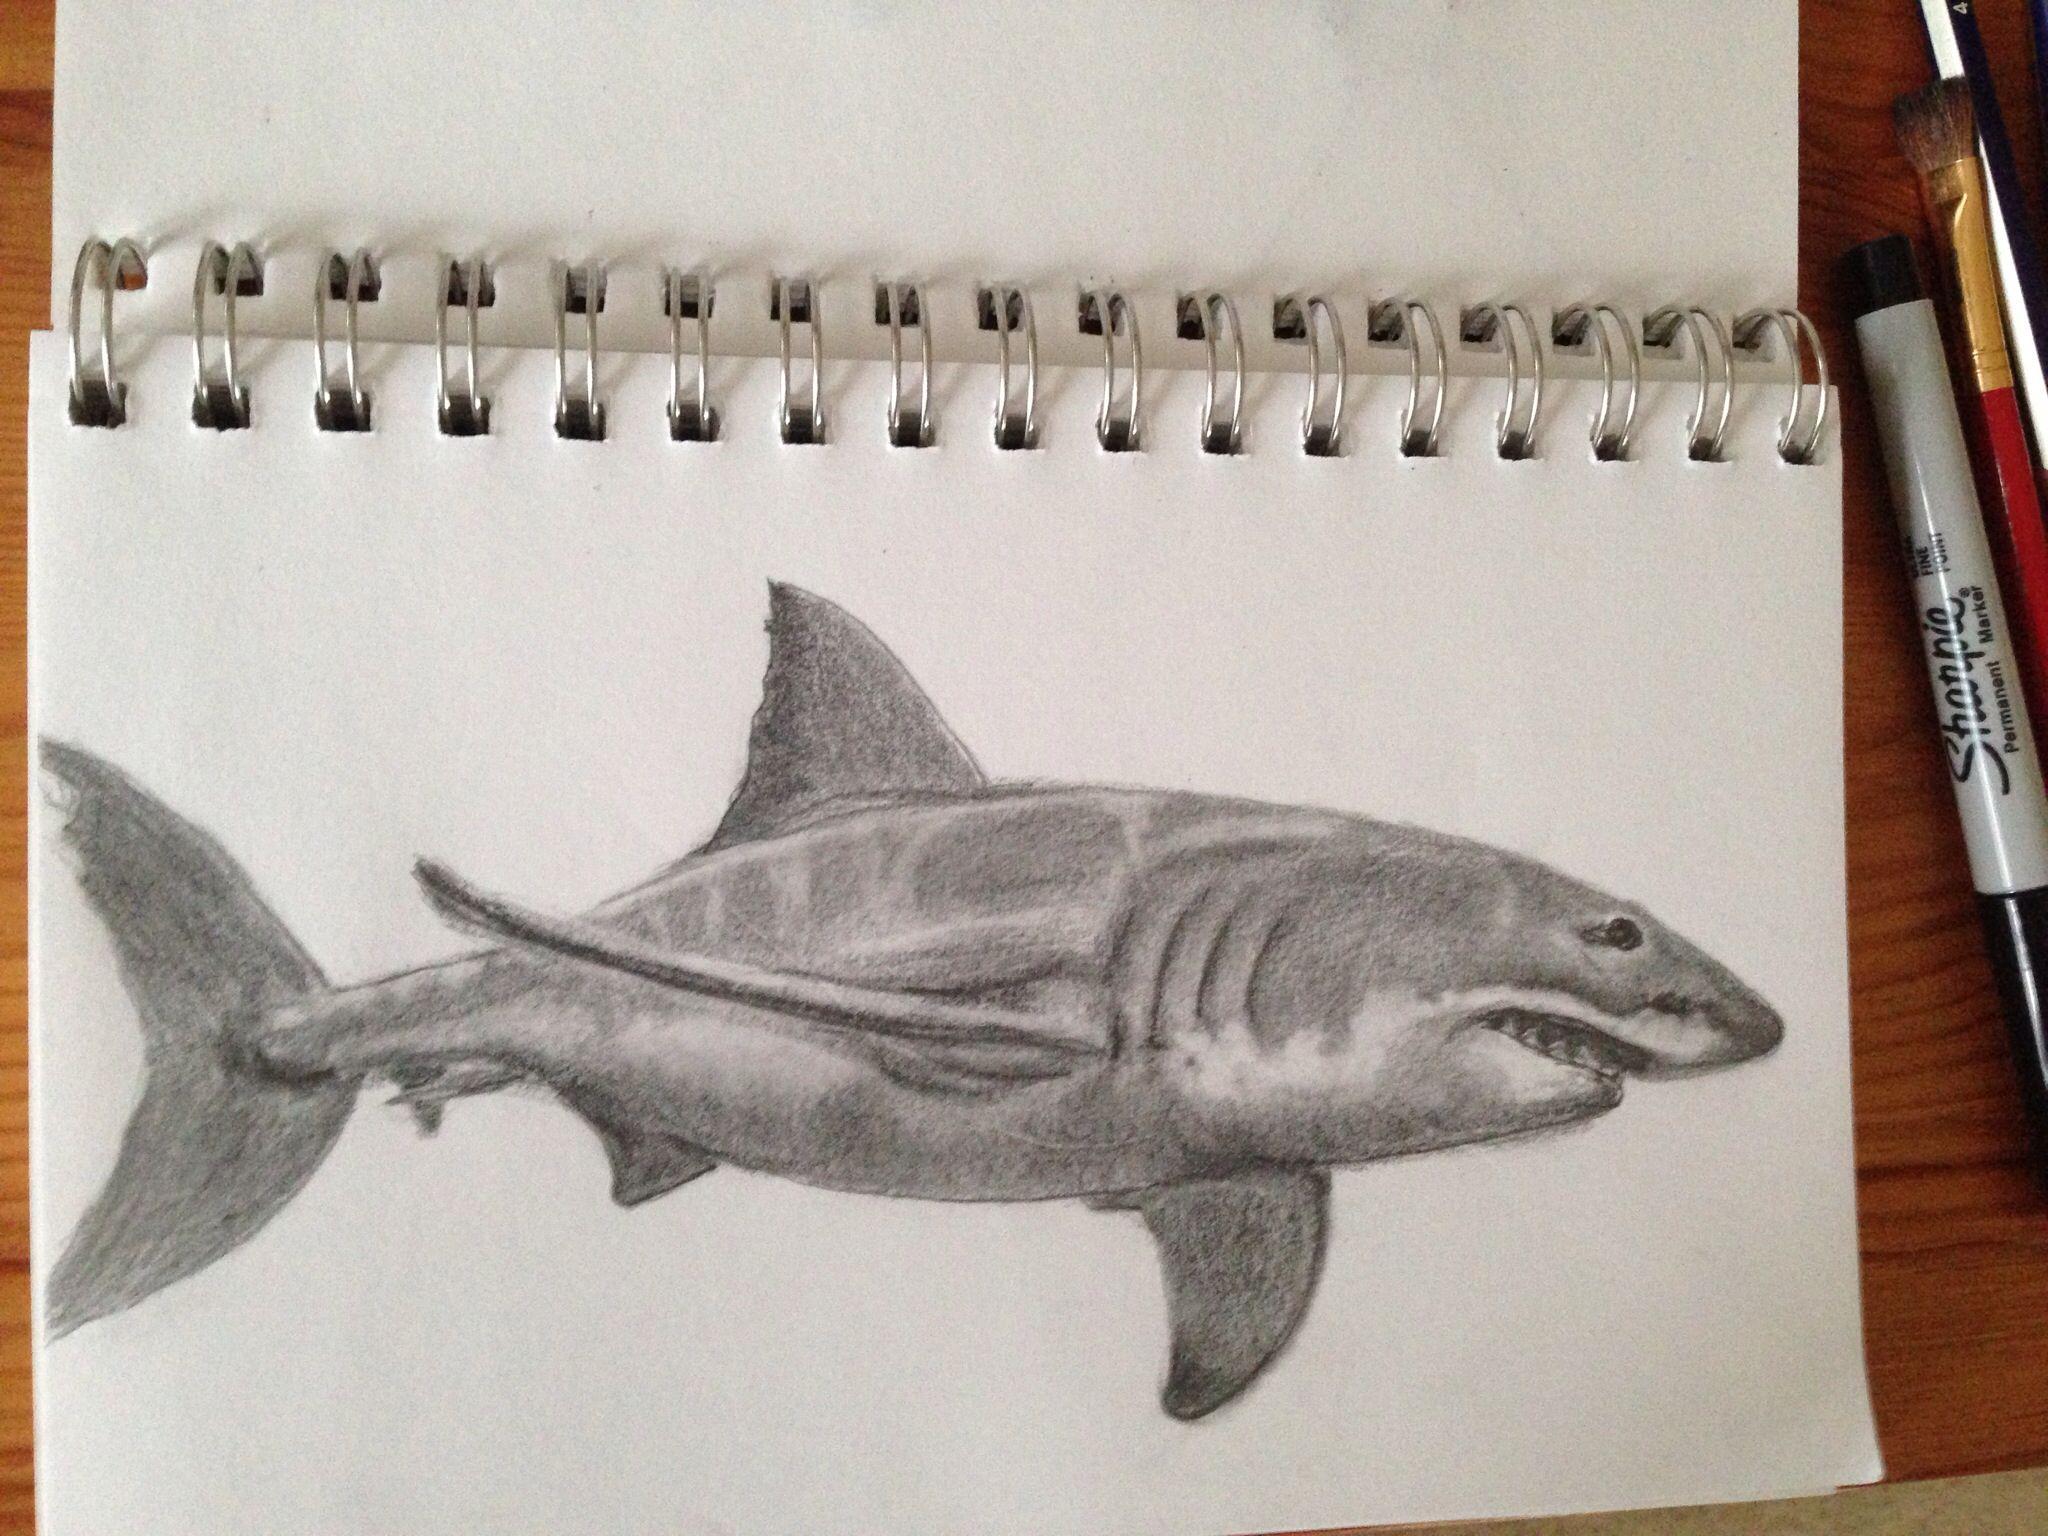 2048x1536 Shark Pencil Drawing Artwork Artwork